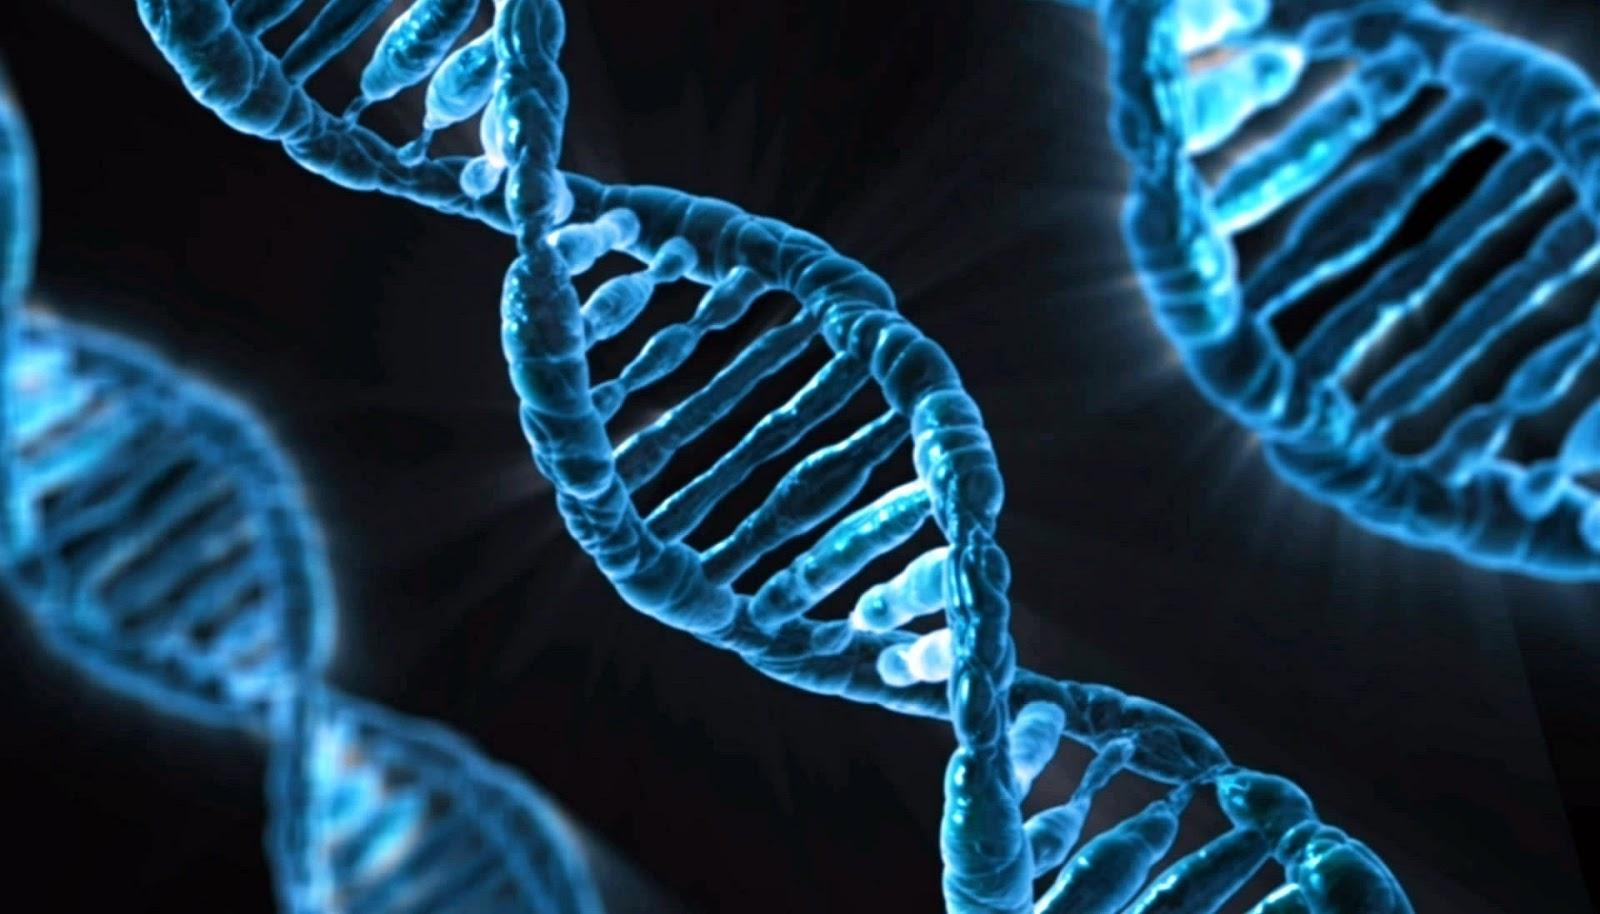 Estudo sugere vínculo genético na orientação sexual masculina